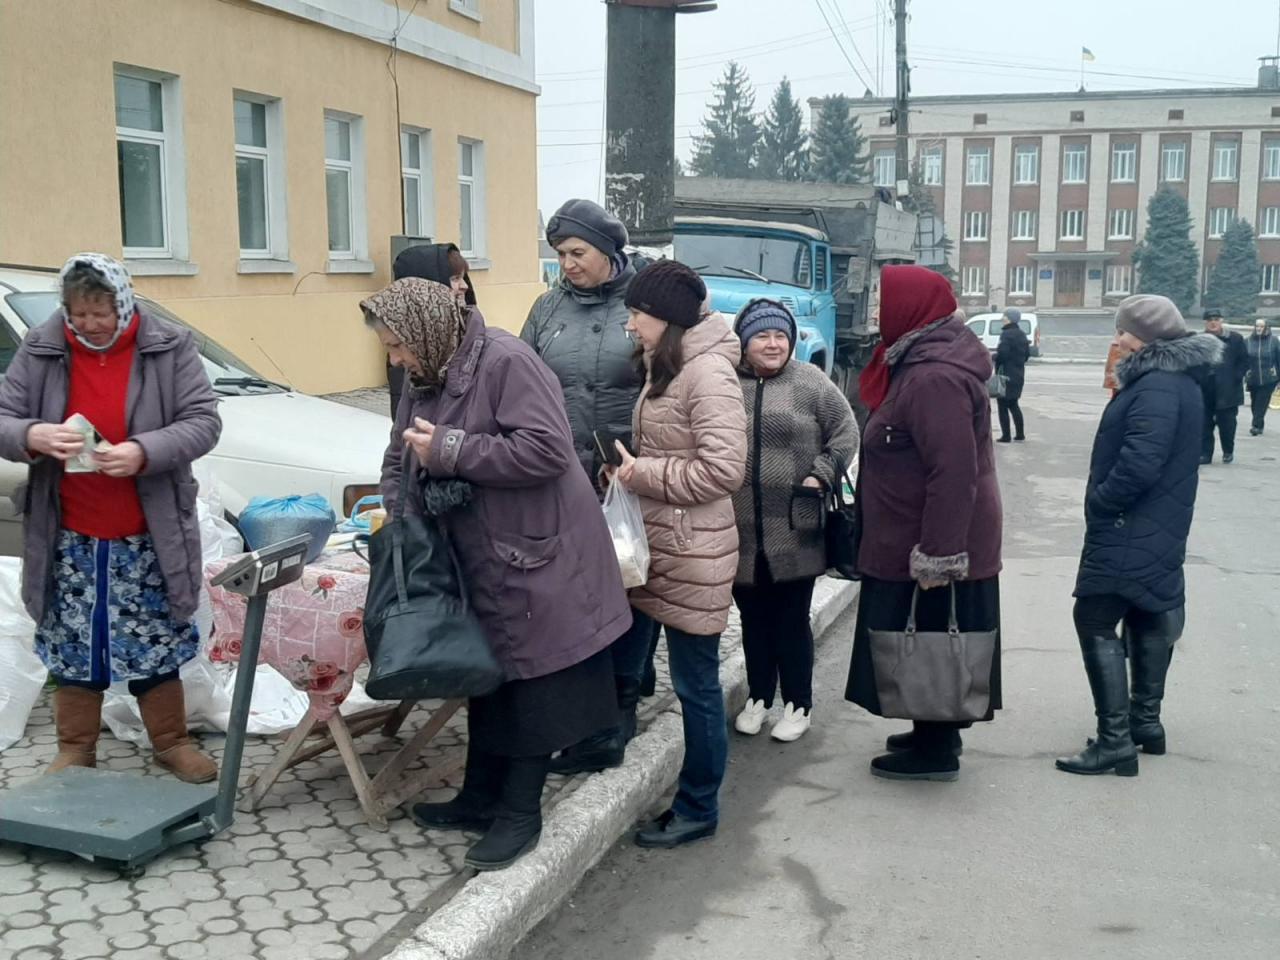 http://dunrada.gov.ua/uploadfile/archive_news/2019/12/21/2019-12-21_1966/images/images-53263.jpg